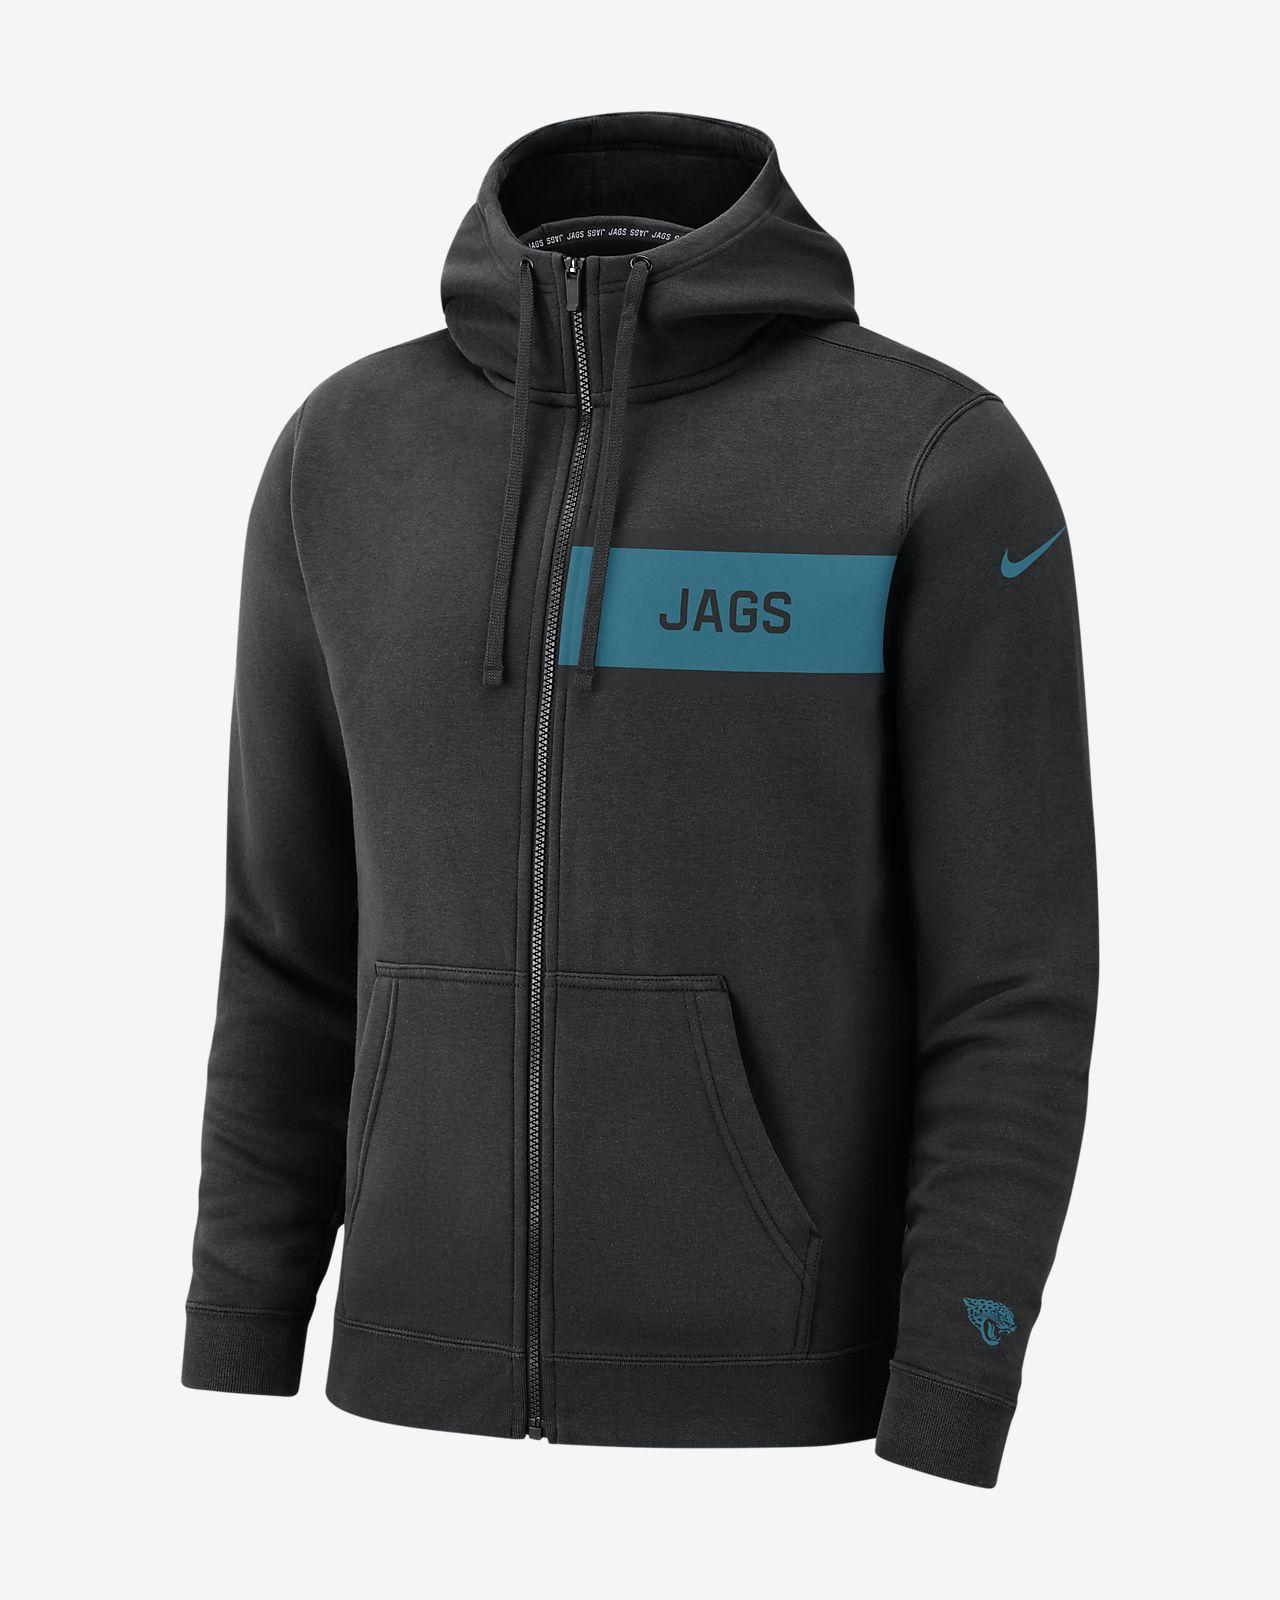 Nike (NFL Jaguars) Men's Club Fleece Full-Zip Hoodie